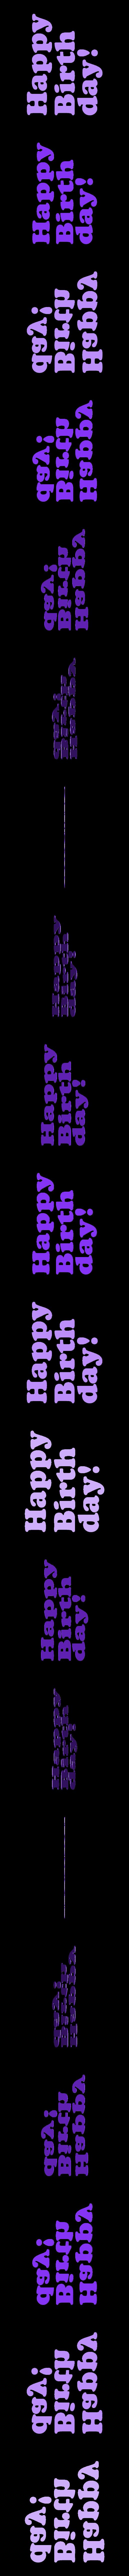 Happy Birth day.stl Télécharger fichier STL Autocollants de bonne fête • Modèle pour impression 3D, abbymath